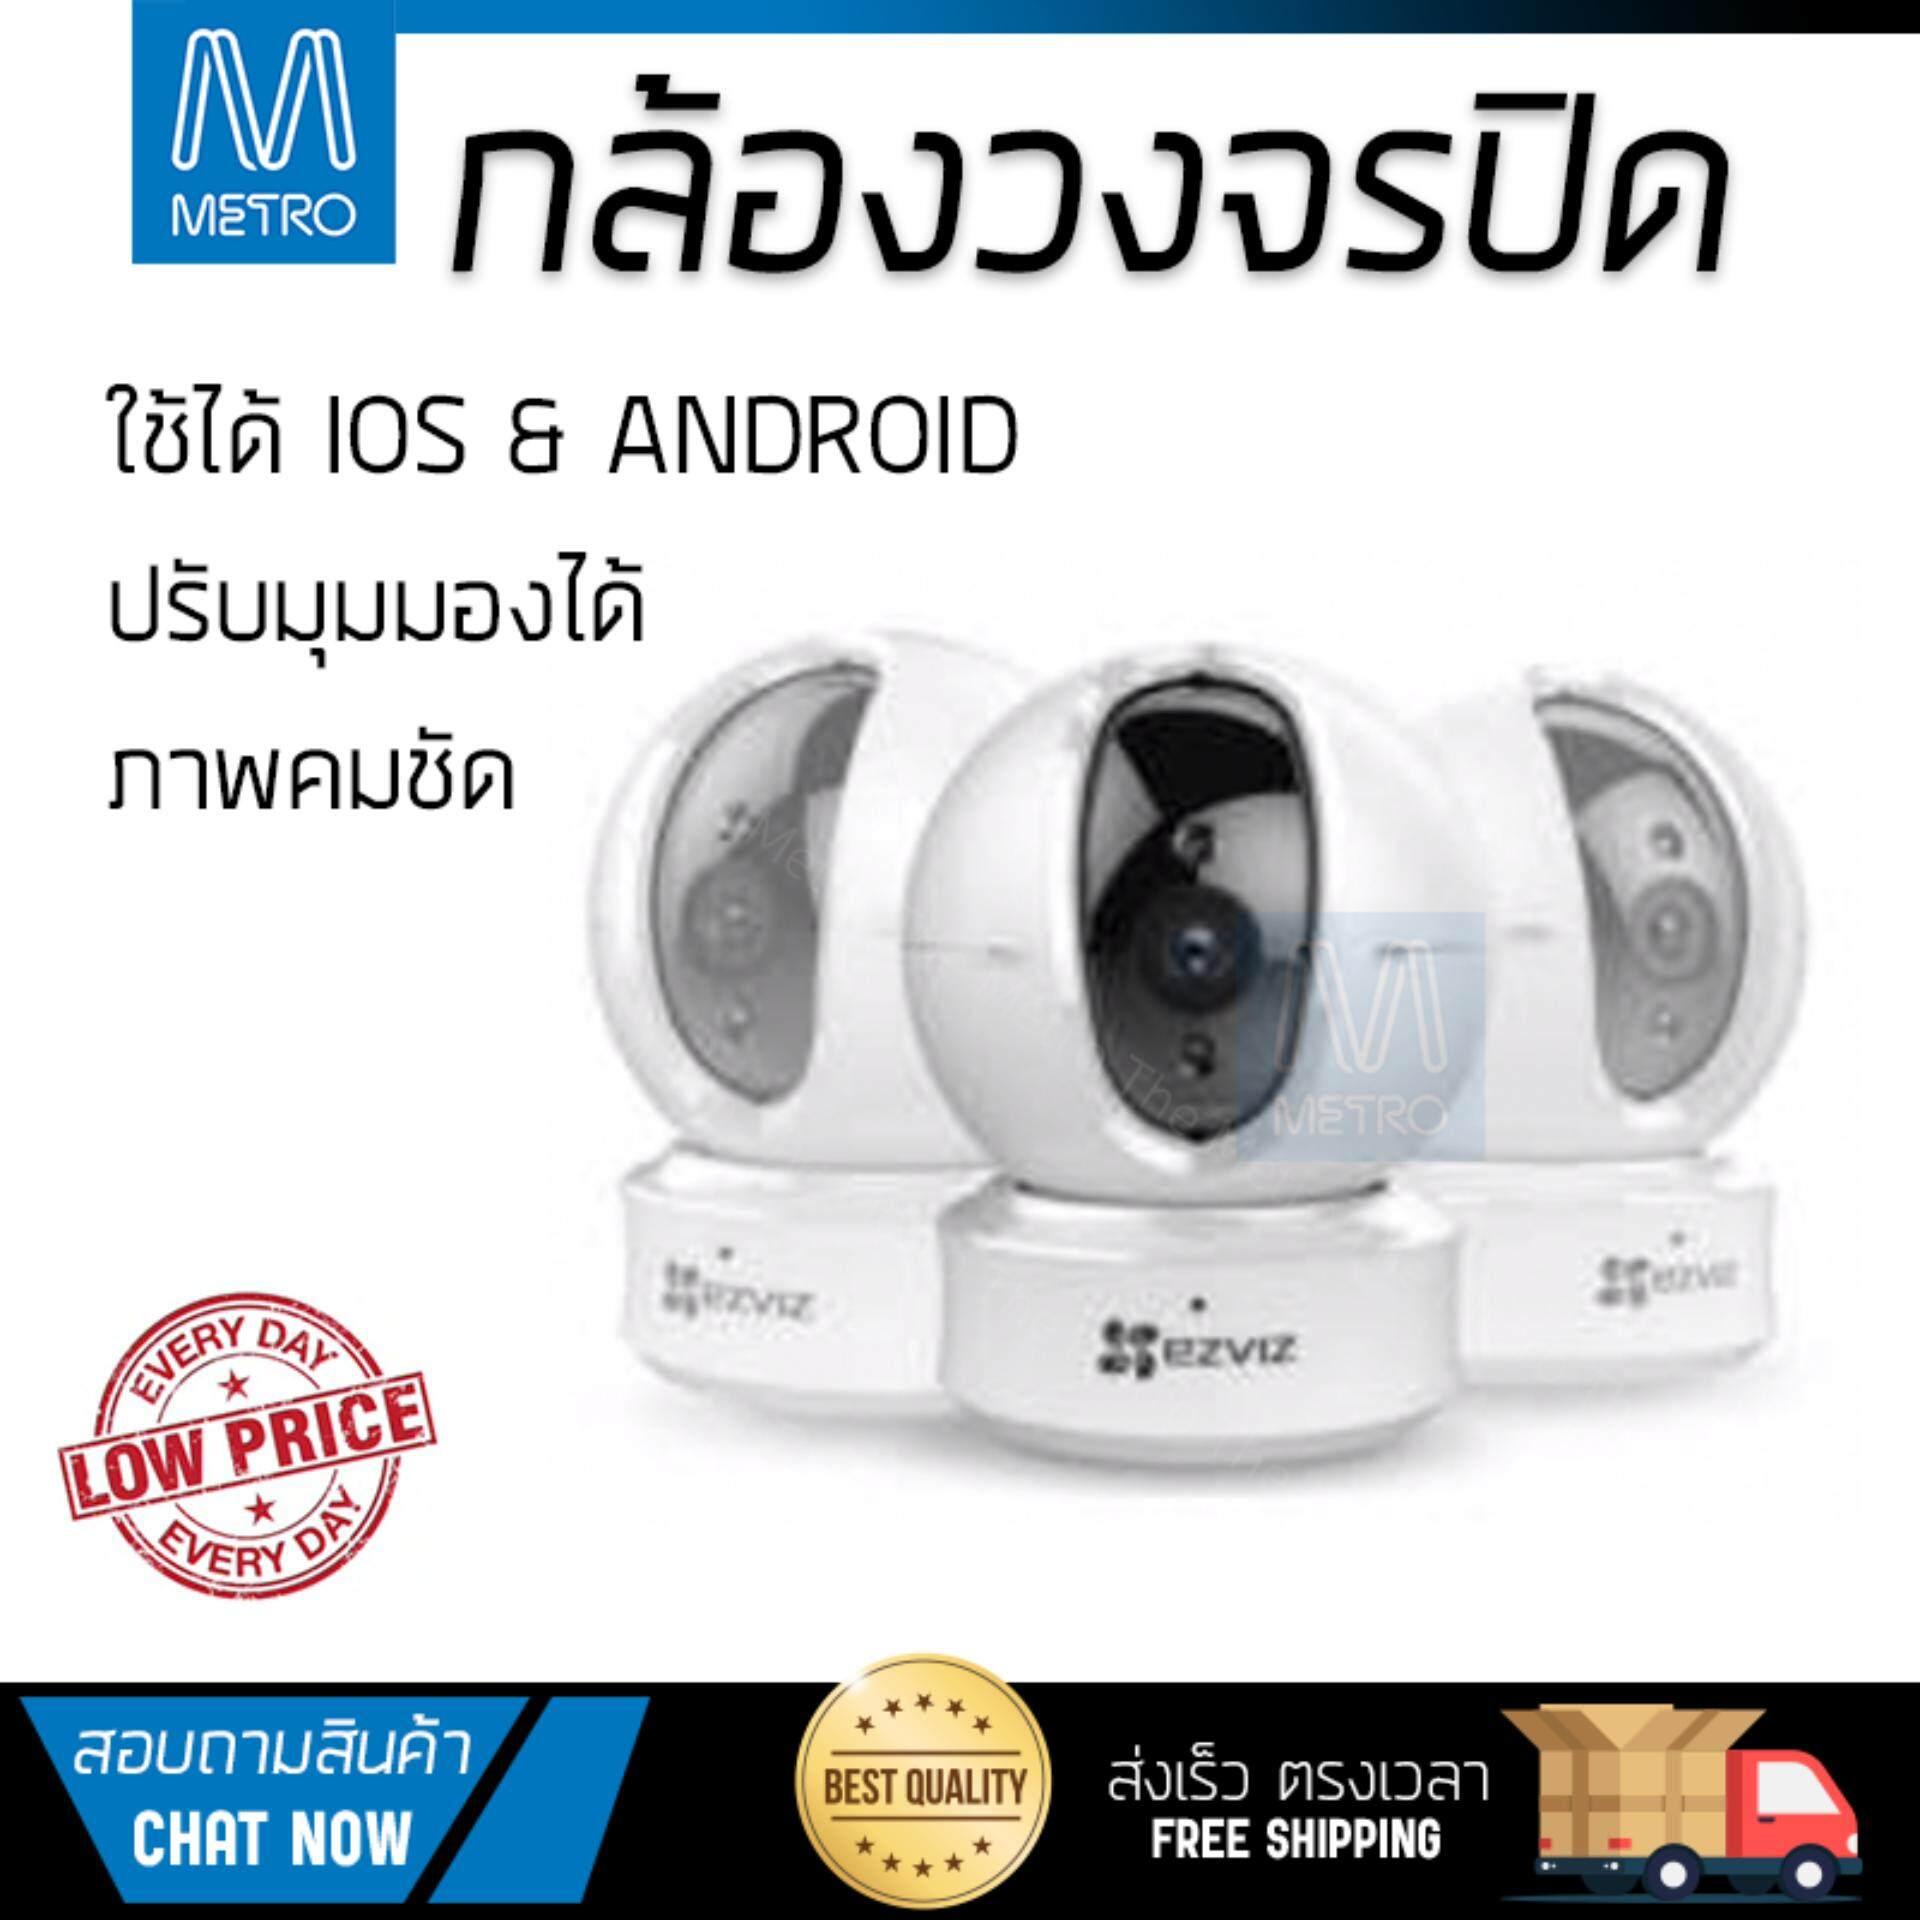 ลดสุดๆ โปรโมชัน กล้องวงจรปิด           EZVIZ กล้องวงจรปิด (สีขาว) รุ่น  CV246-A03B1WFR             ภาพคมชัด ปรับมุมมองได้ กล้อง IP Camera รับประกันสินค้า 1 ปี จัดส่งฟรี Kerry ทั่วประเทศ